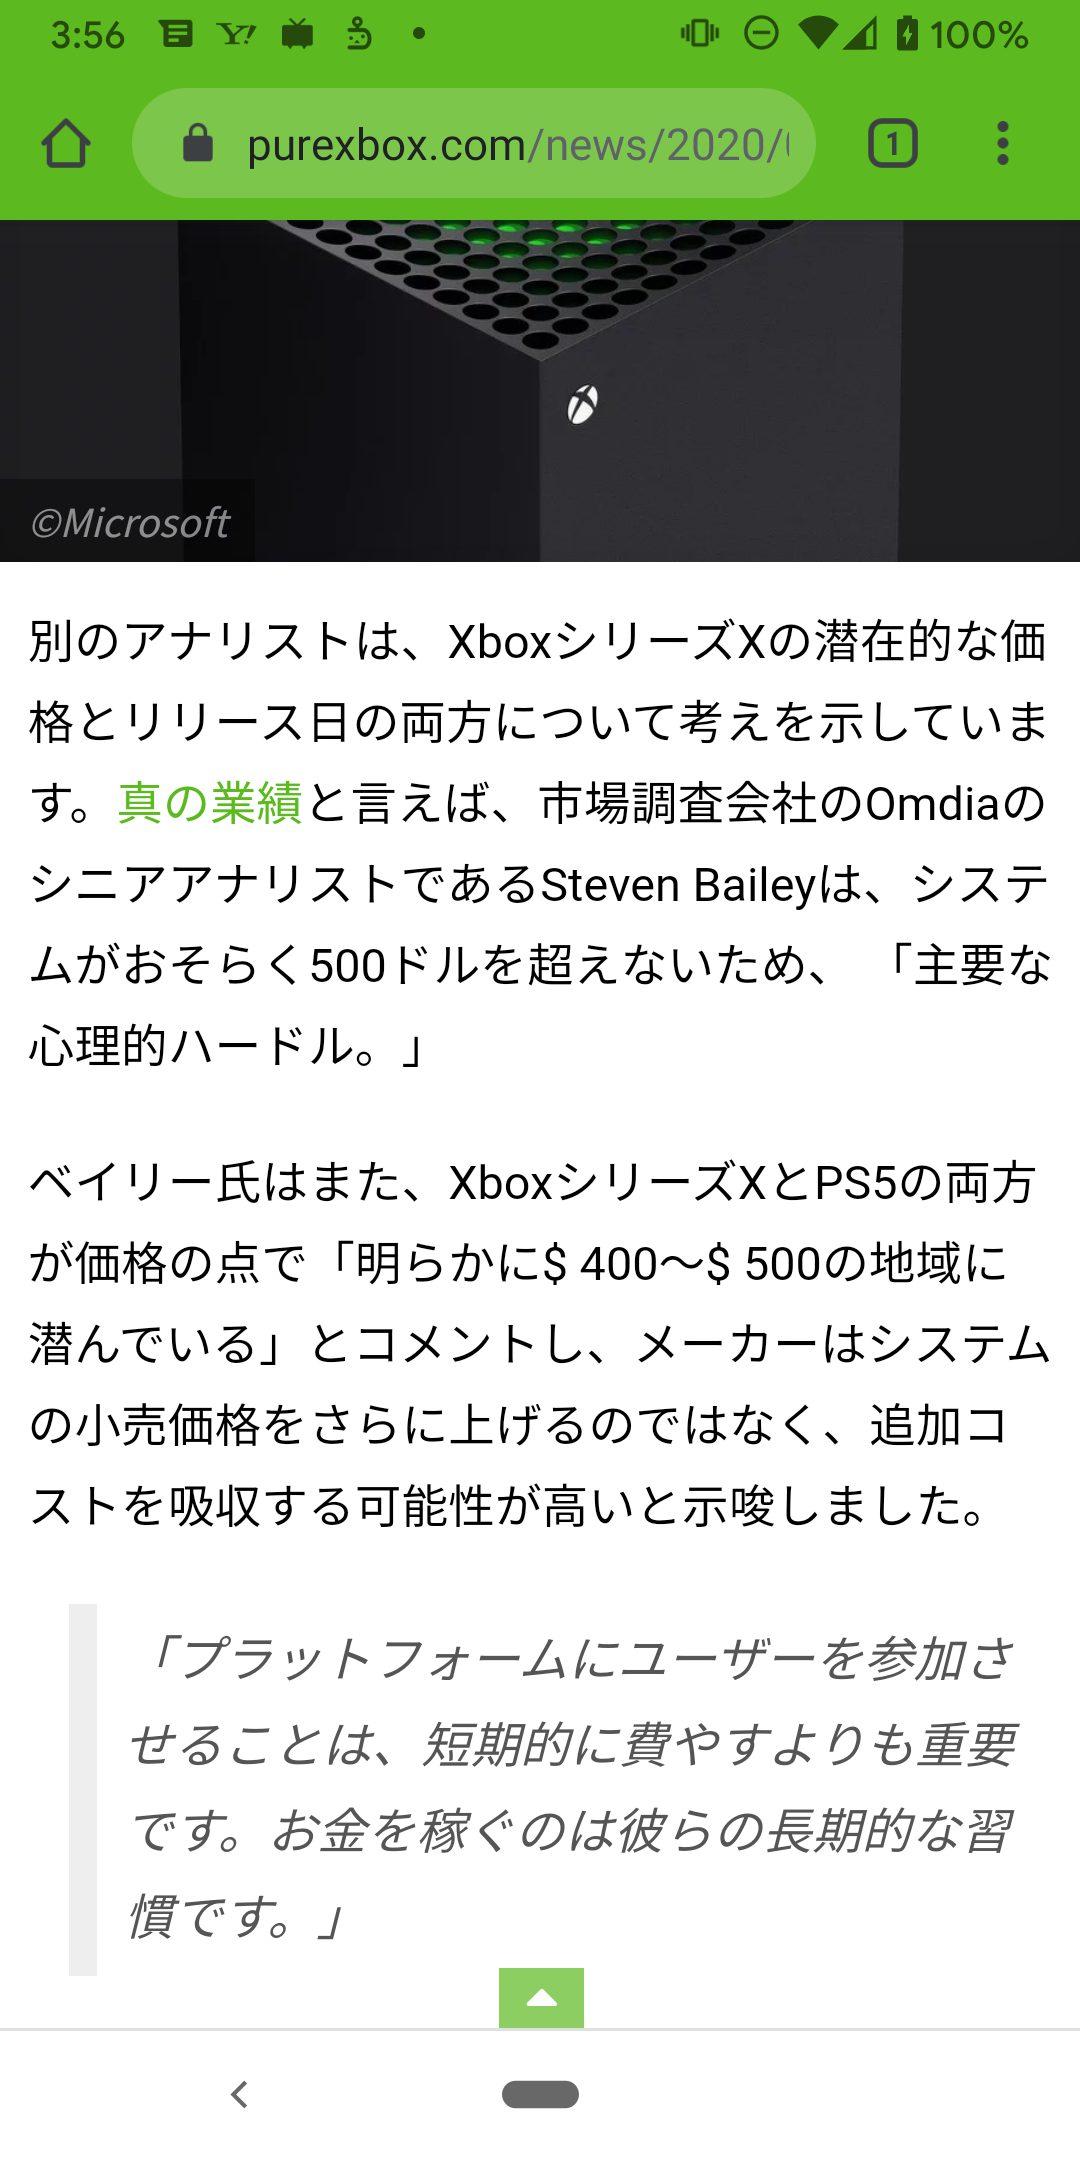 Q9KAaKA - 【朗報】PS5とXboxシリーズXの市場価格は400~500$になる